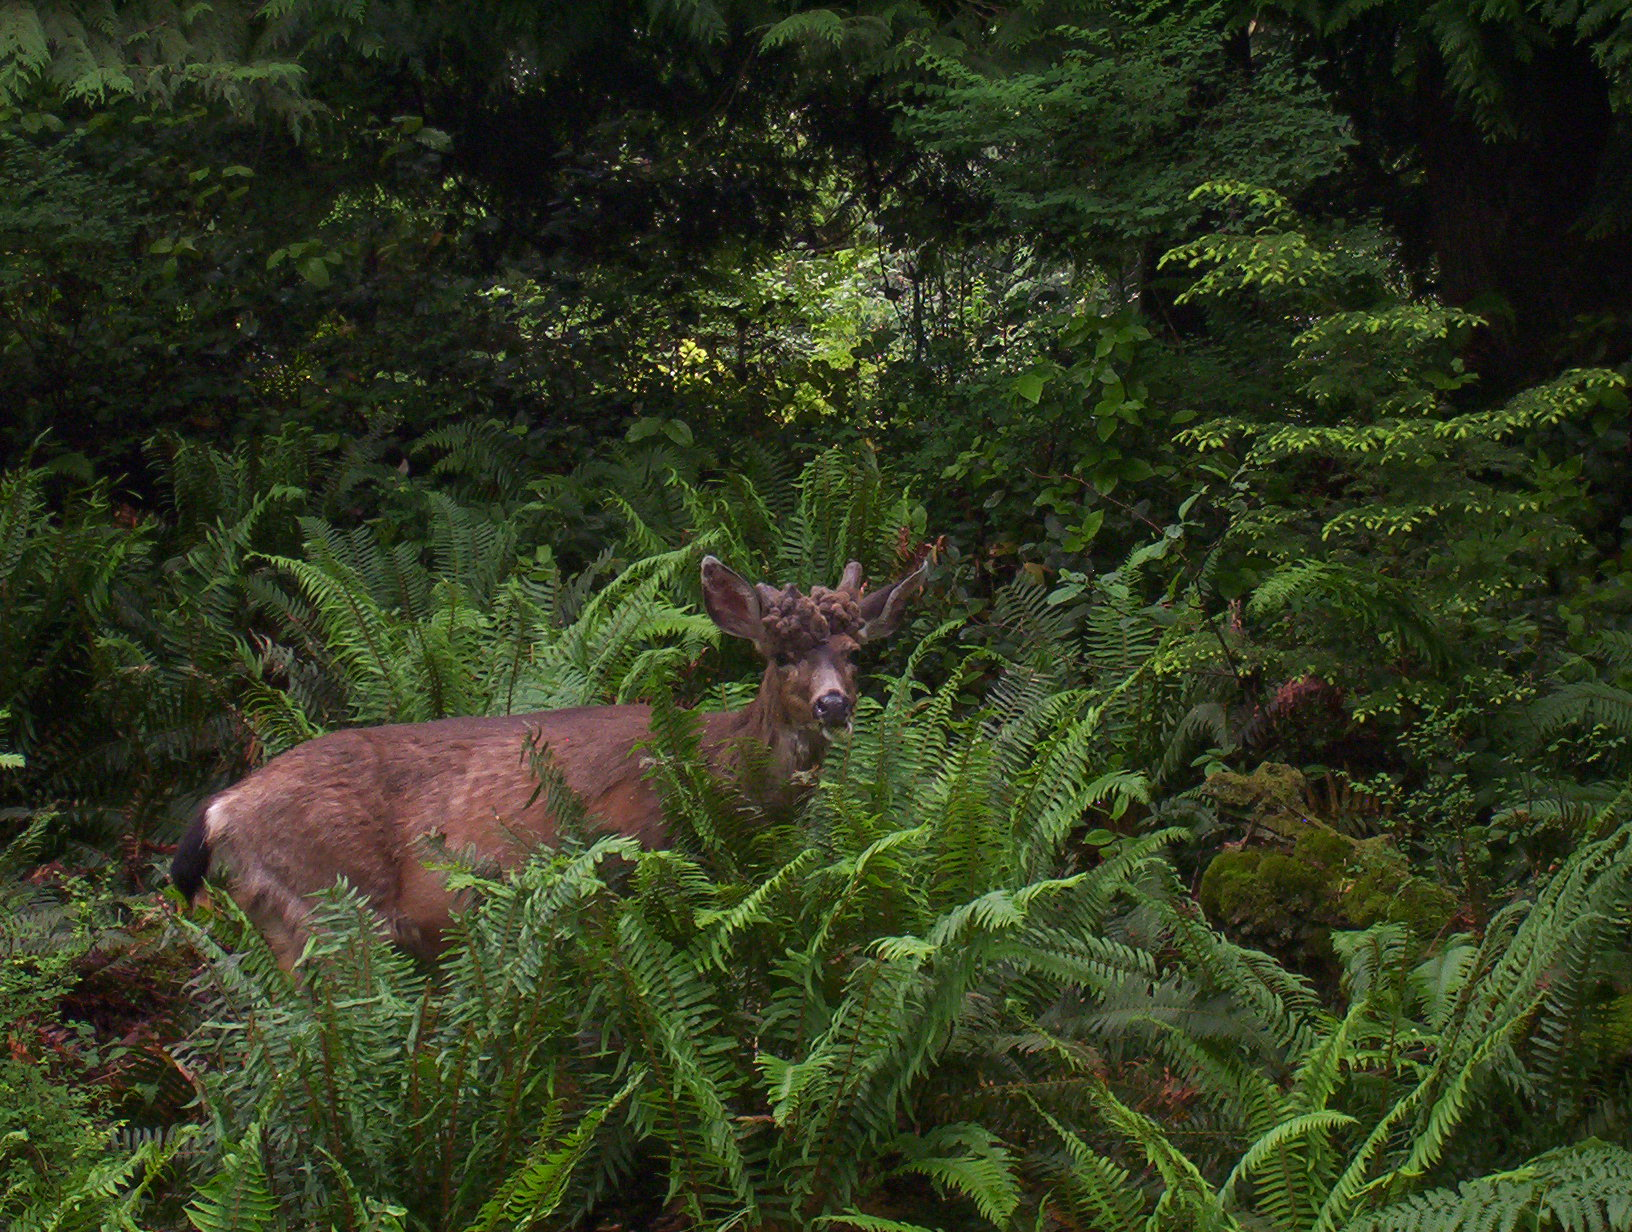 Deer onBowen